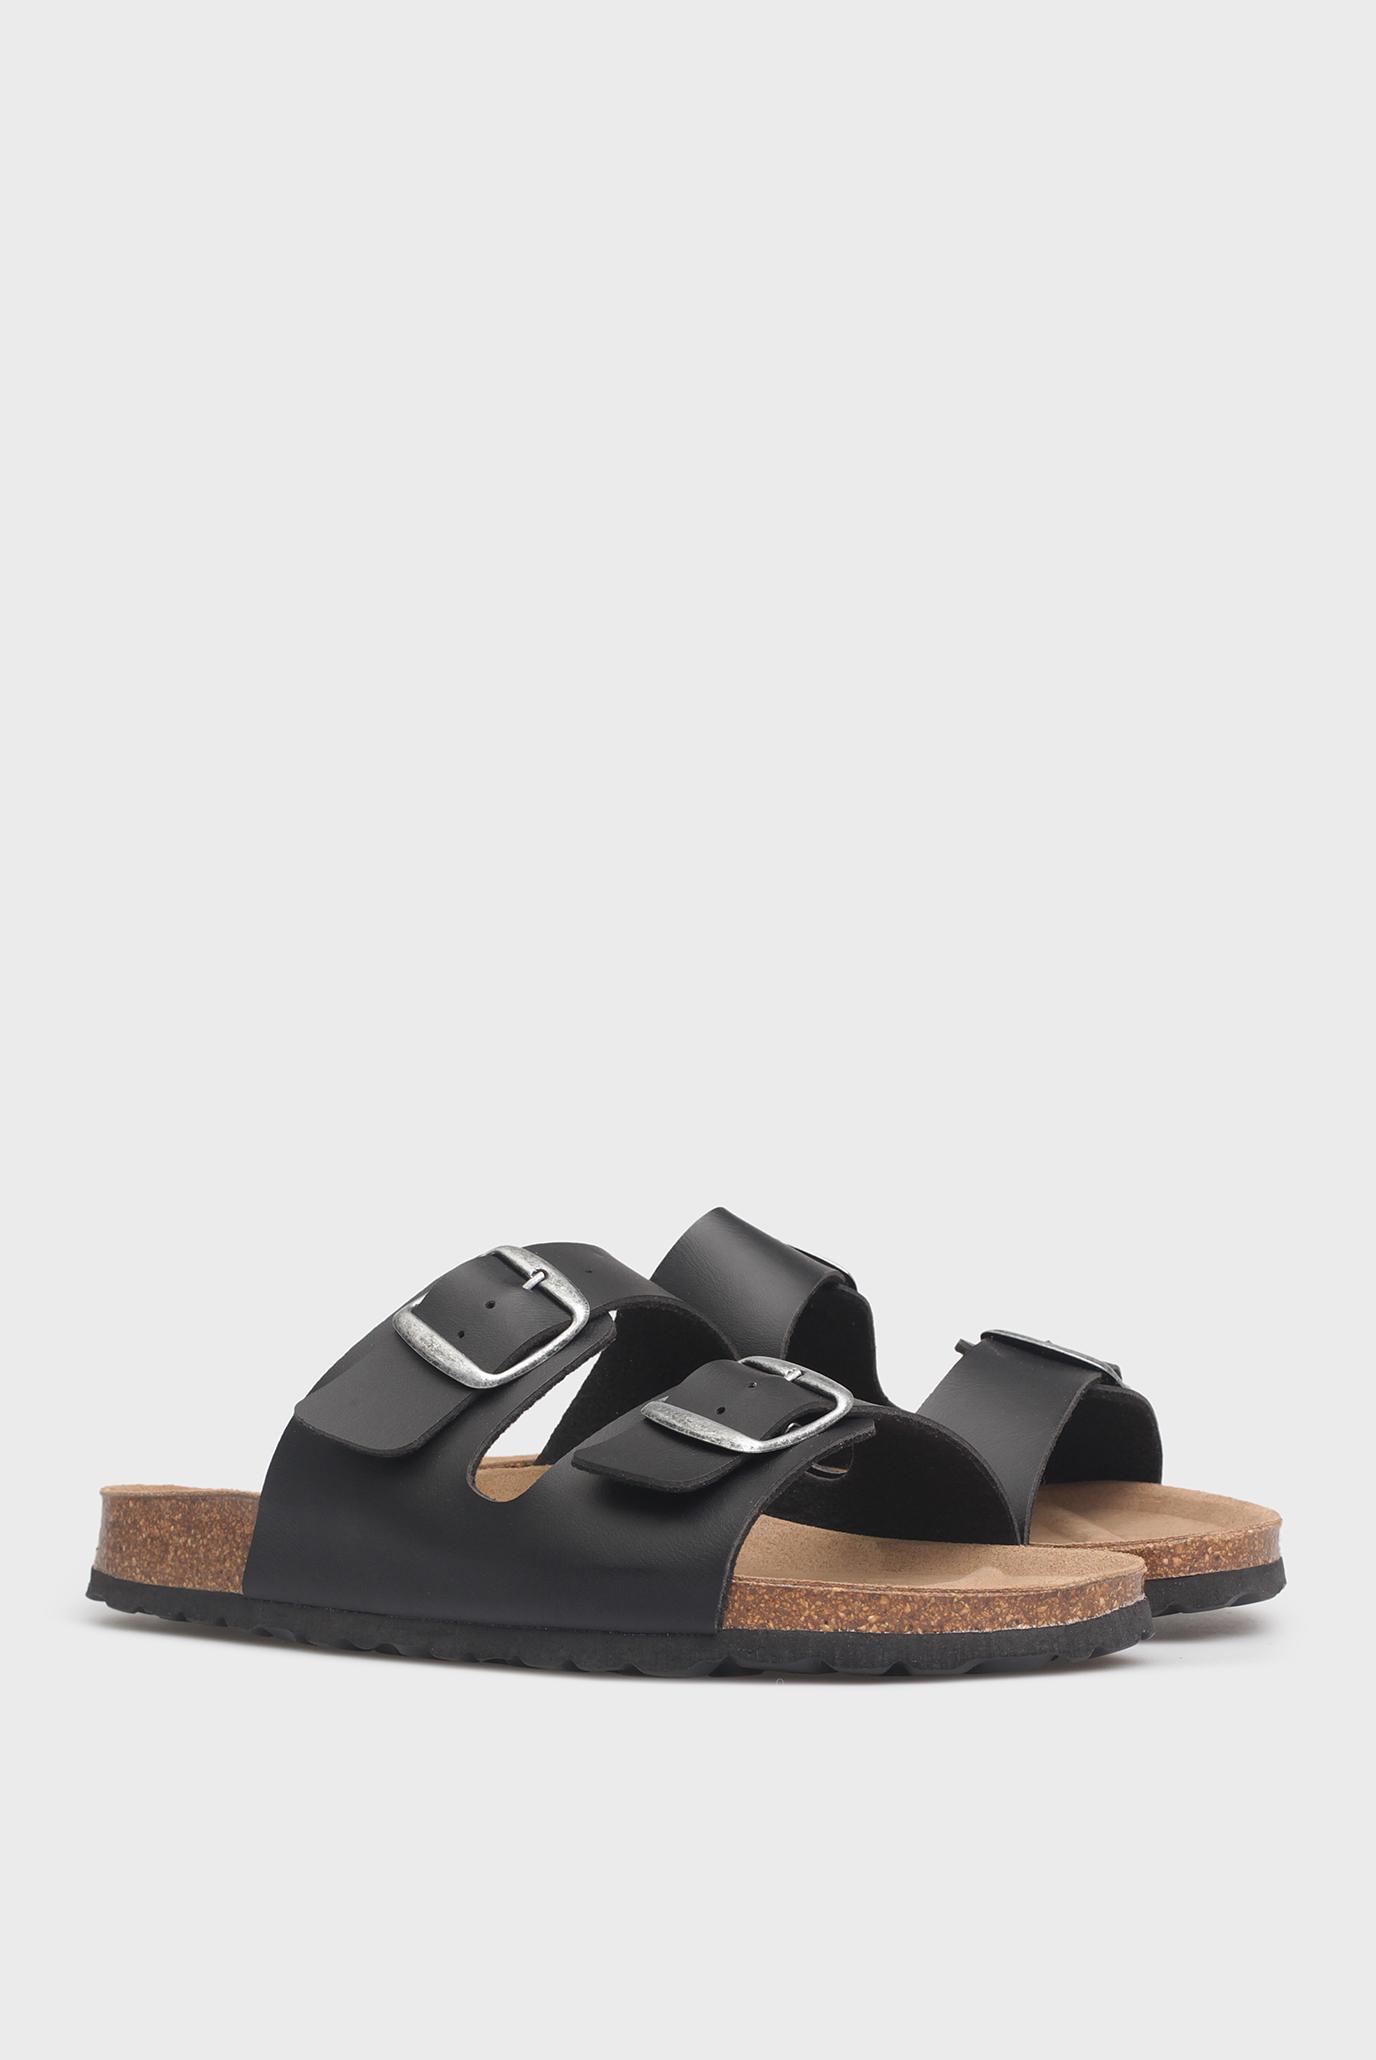 Купить Мужские черные сандалии Preppy Preppy 2.71.3195.449 – Киев, Украина. Цены в интернет магазине MD Fashion